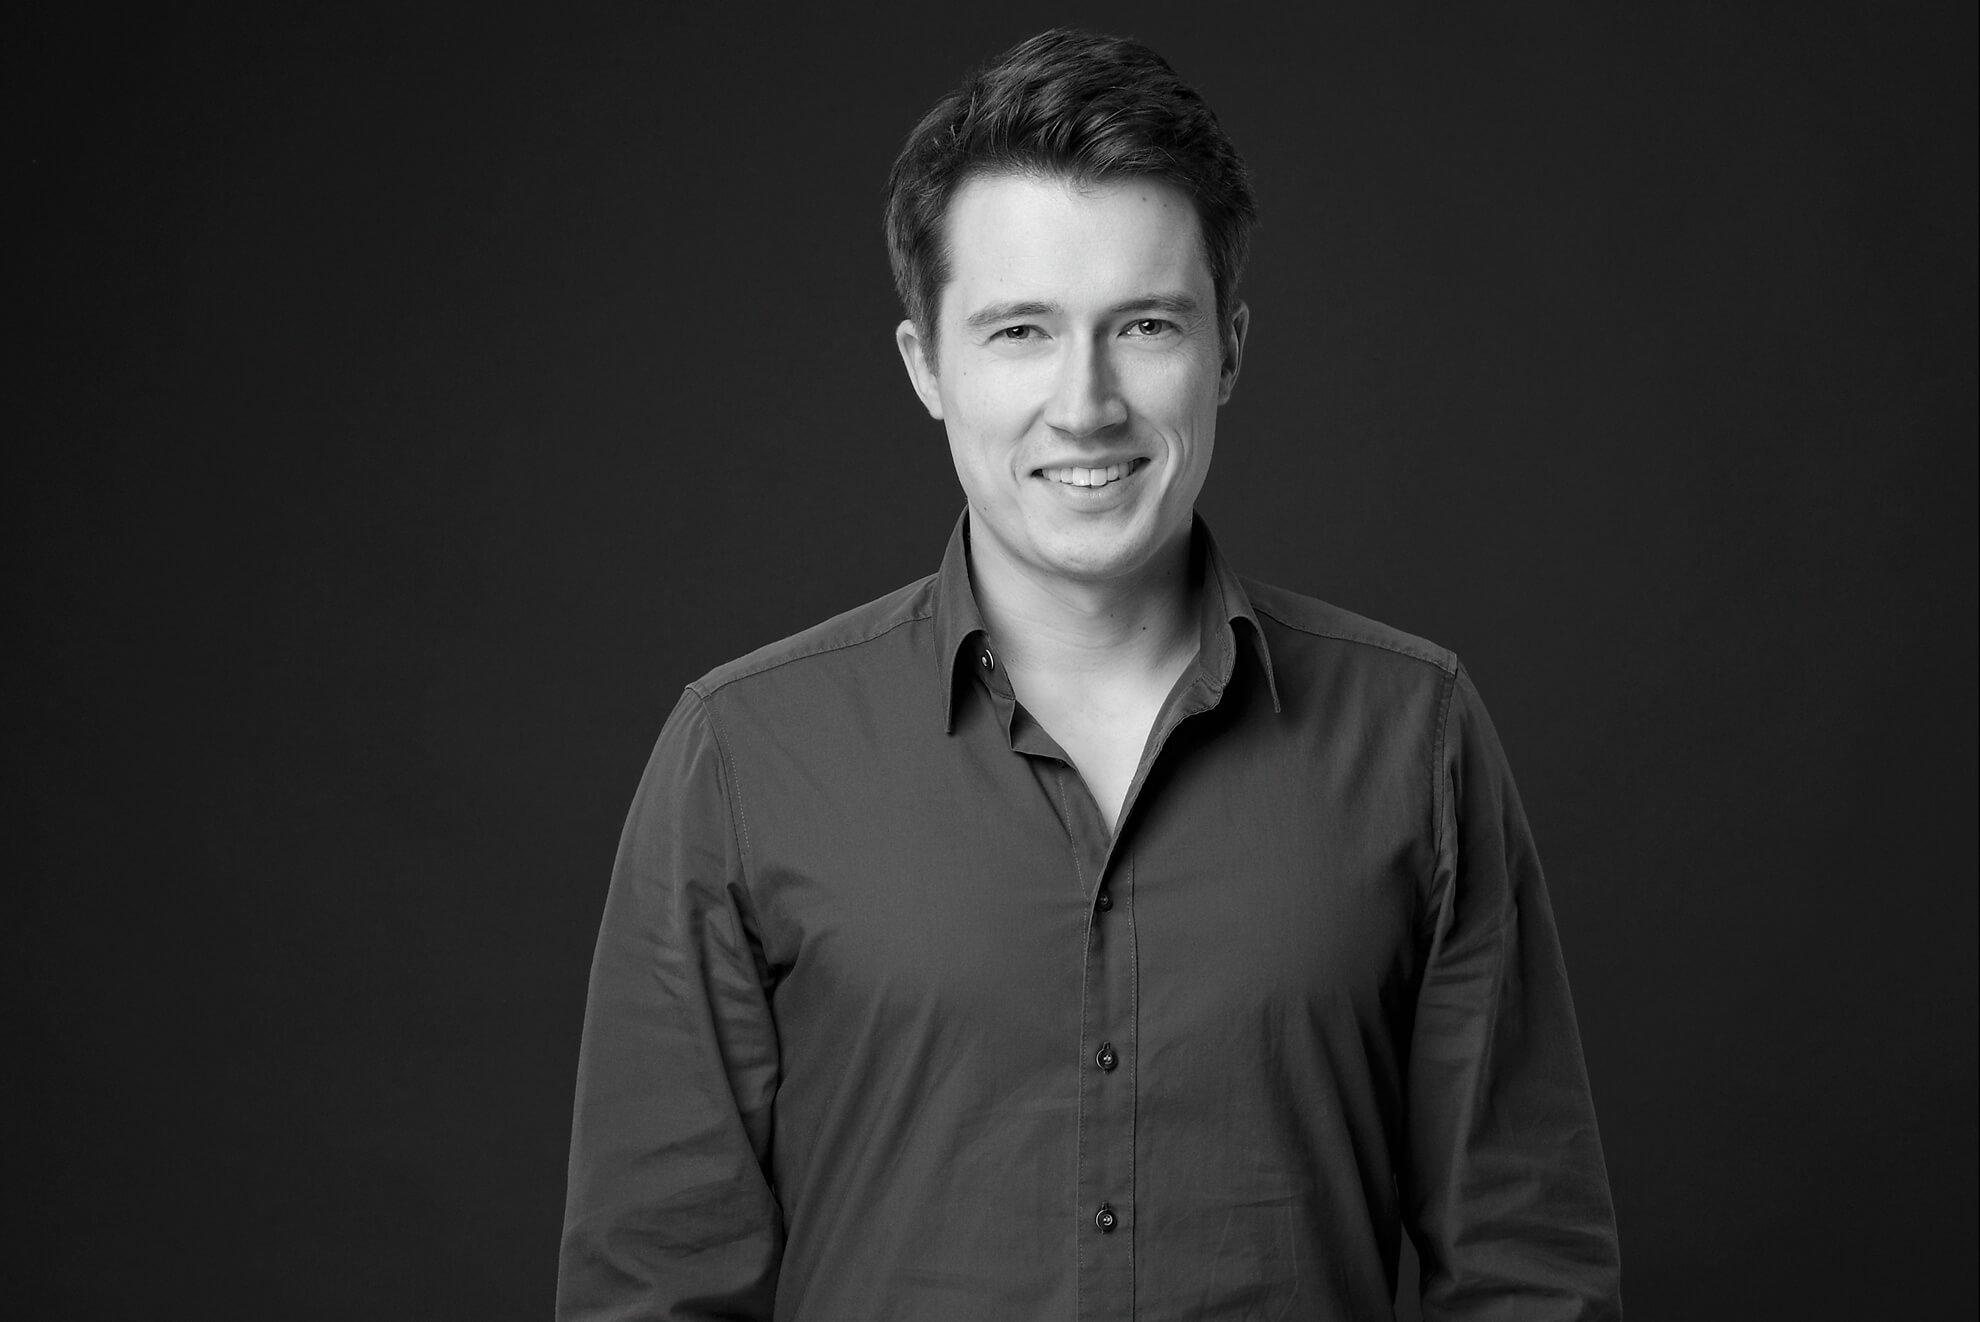 Erik Lorenz Weltwach